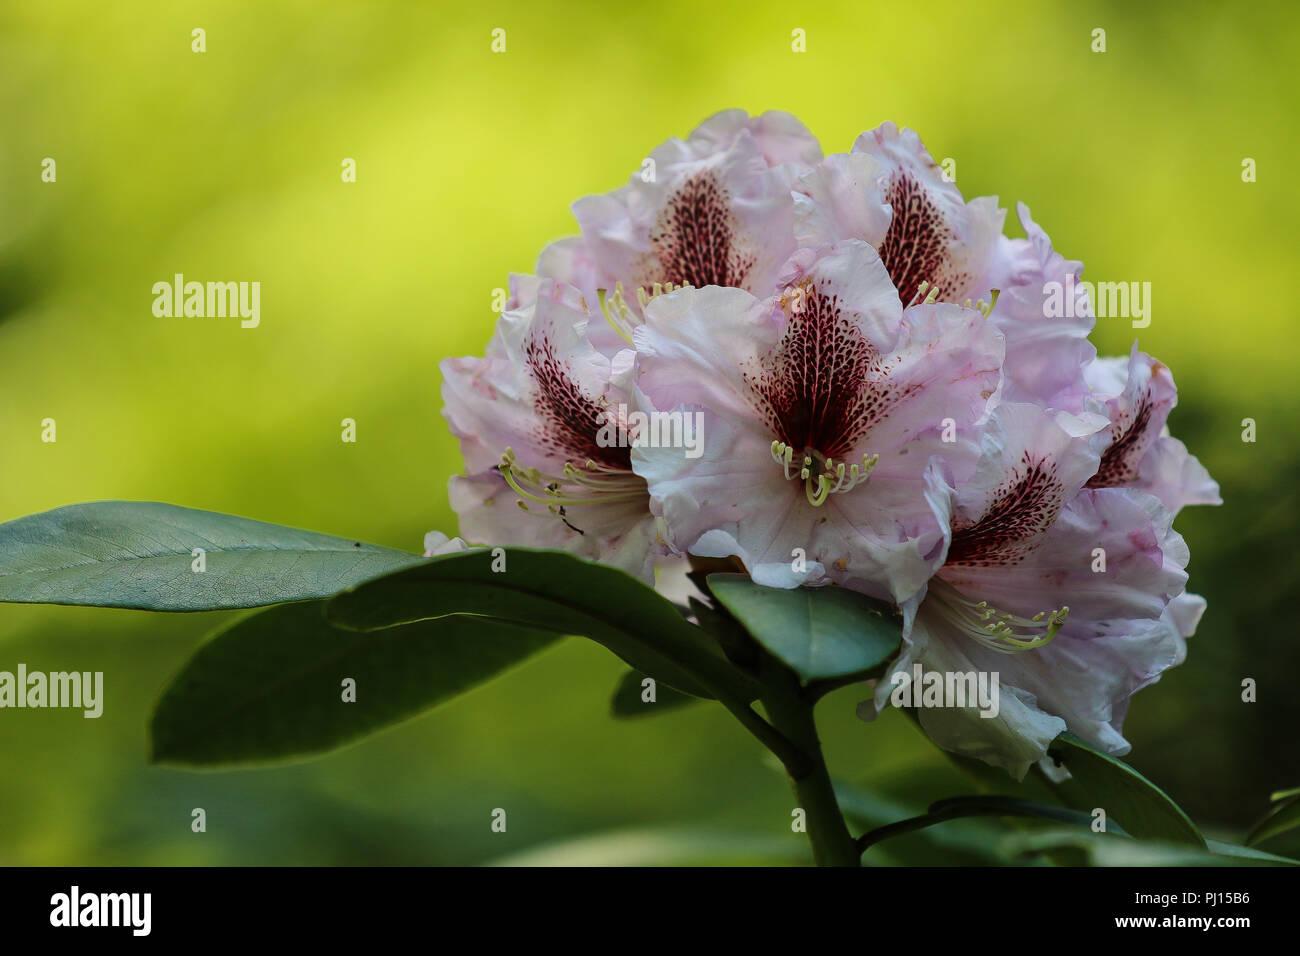 Bellissimi Rododendri Testa Di Fiori Rosa E Bianco Con Uno Sfondo